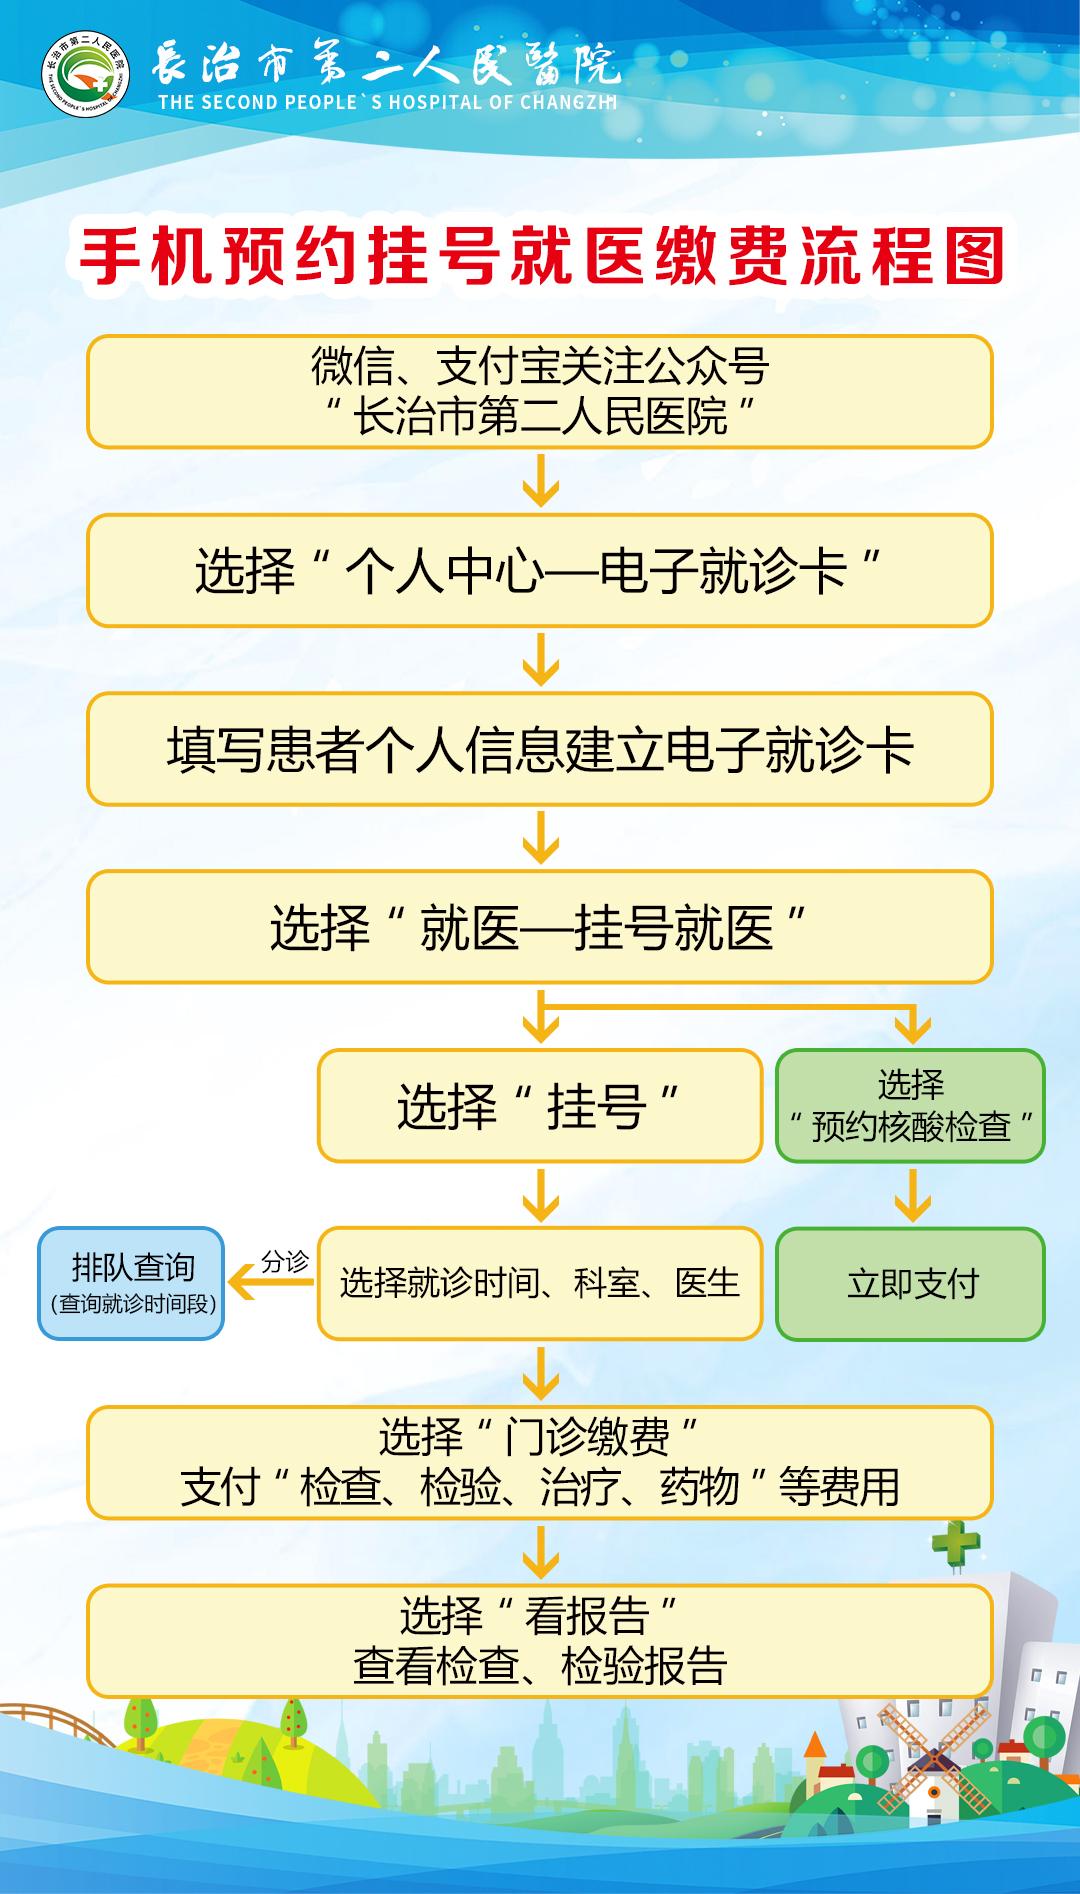 手机预约挂号就医缴费流程图.jpg